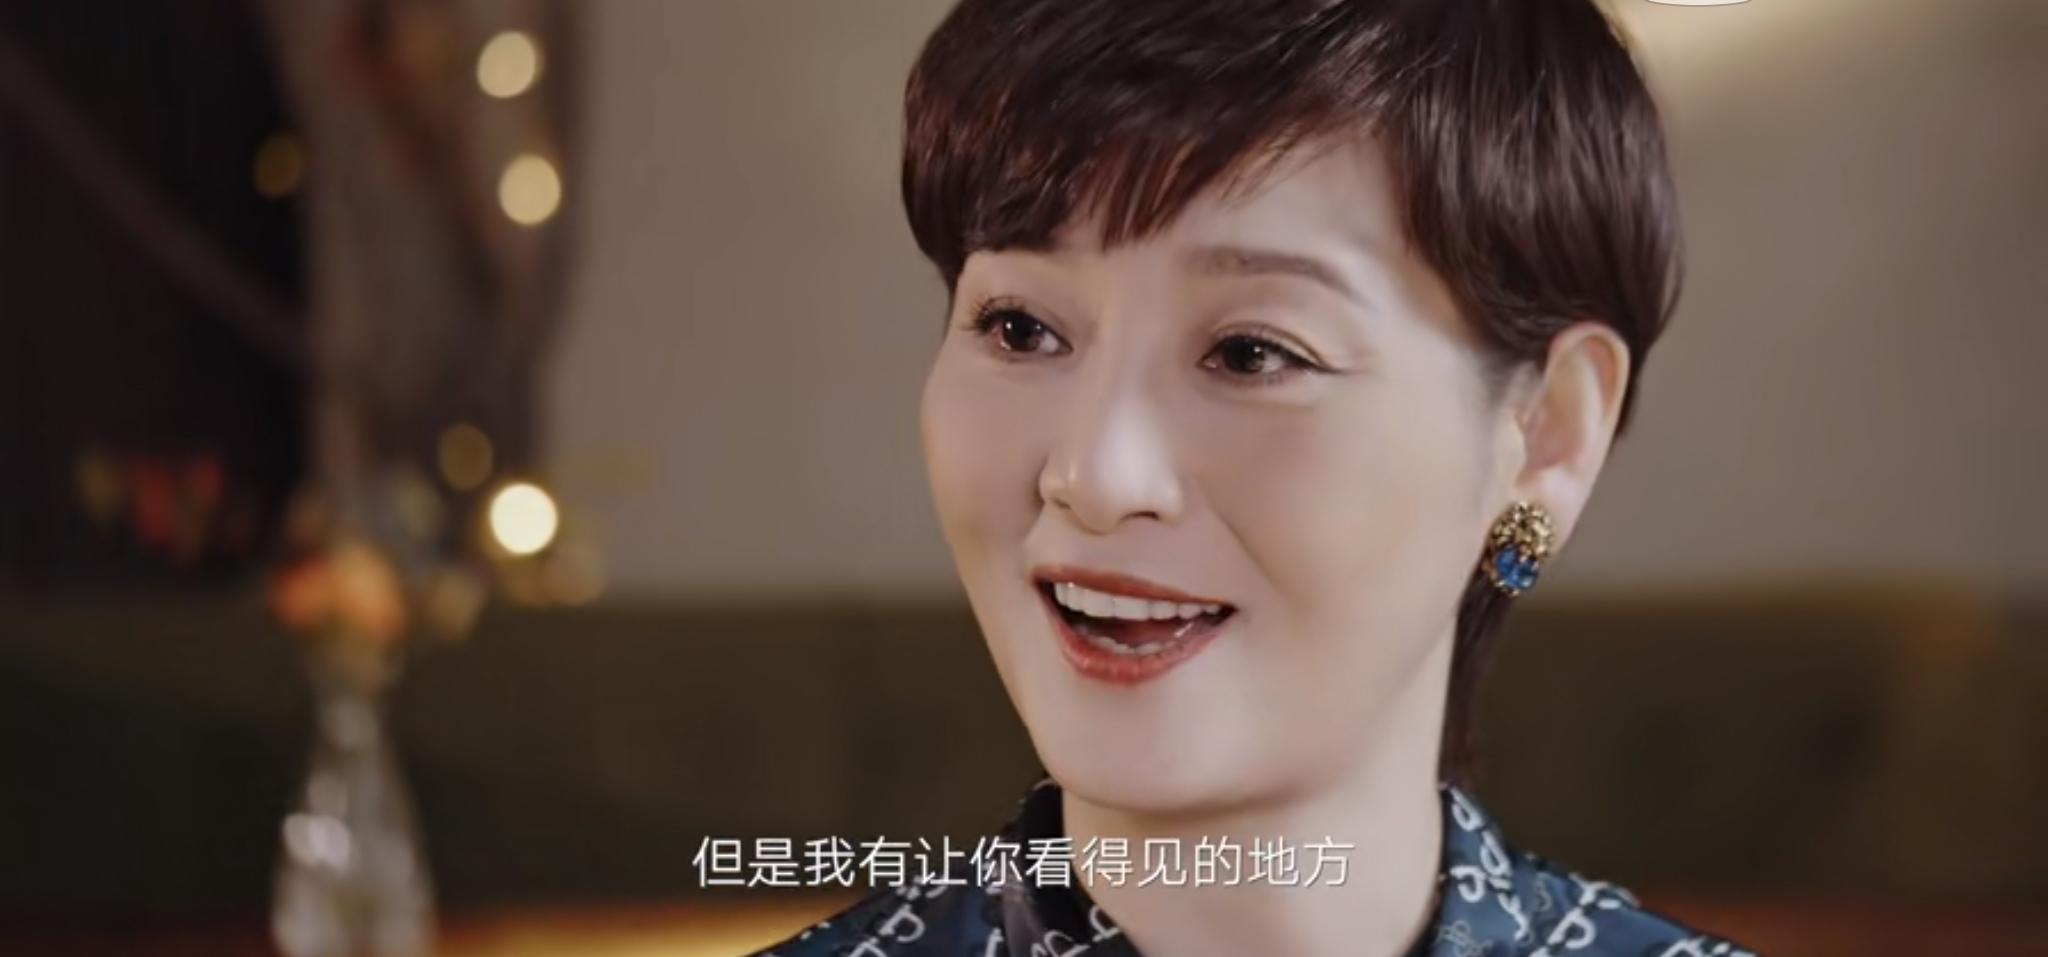 徐帆:我不怕衰老,因为我挺自信的